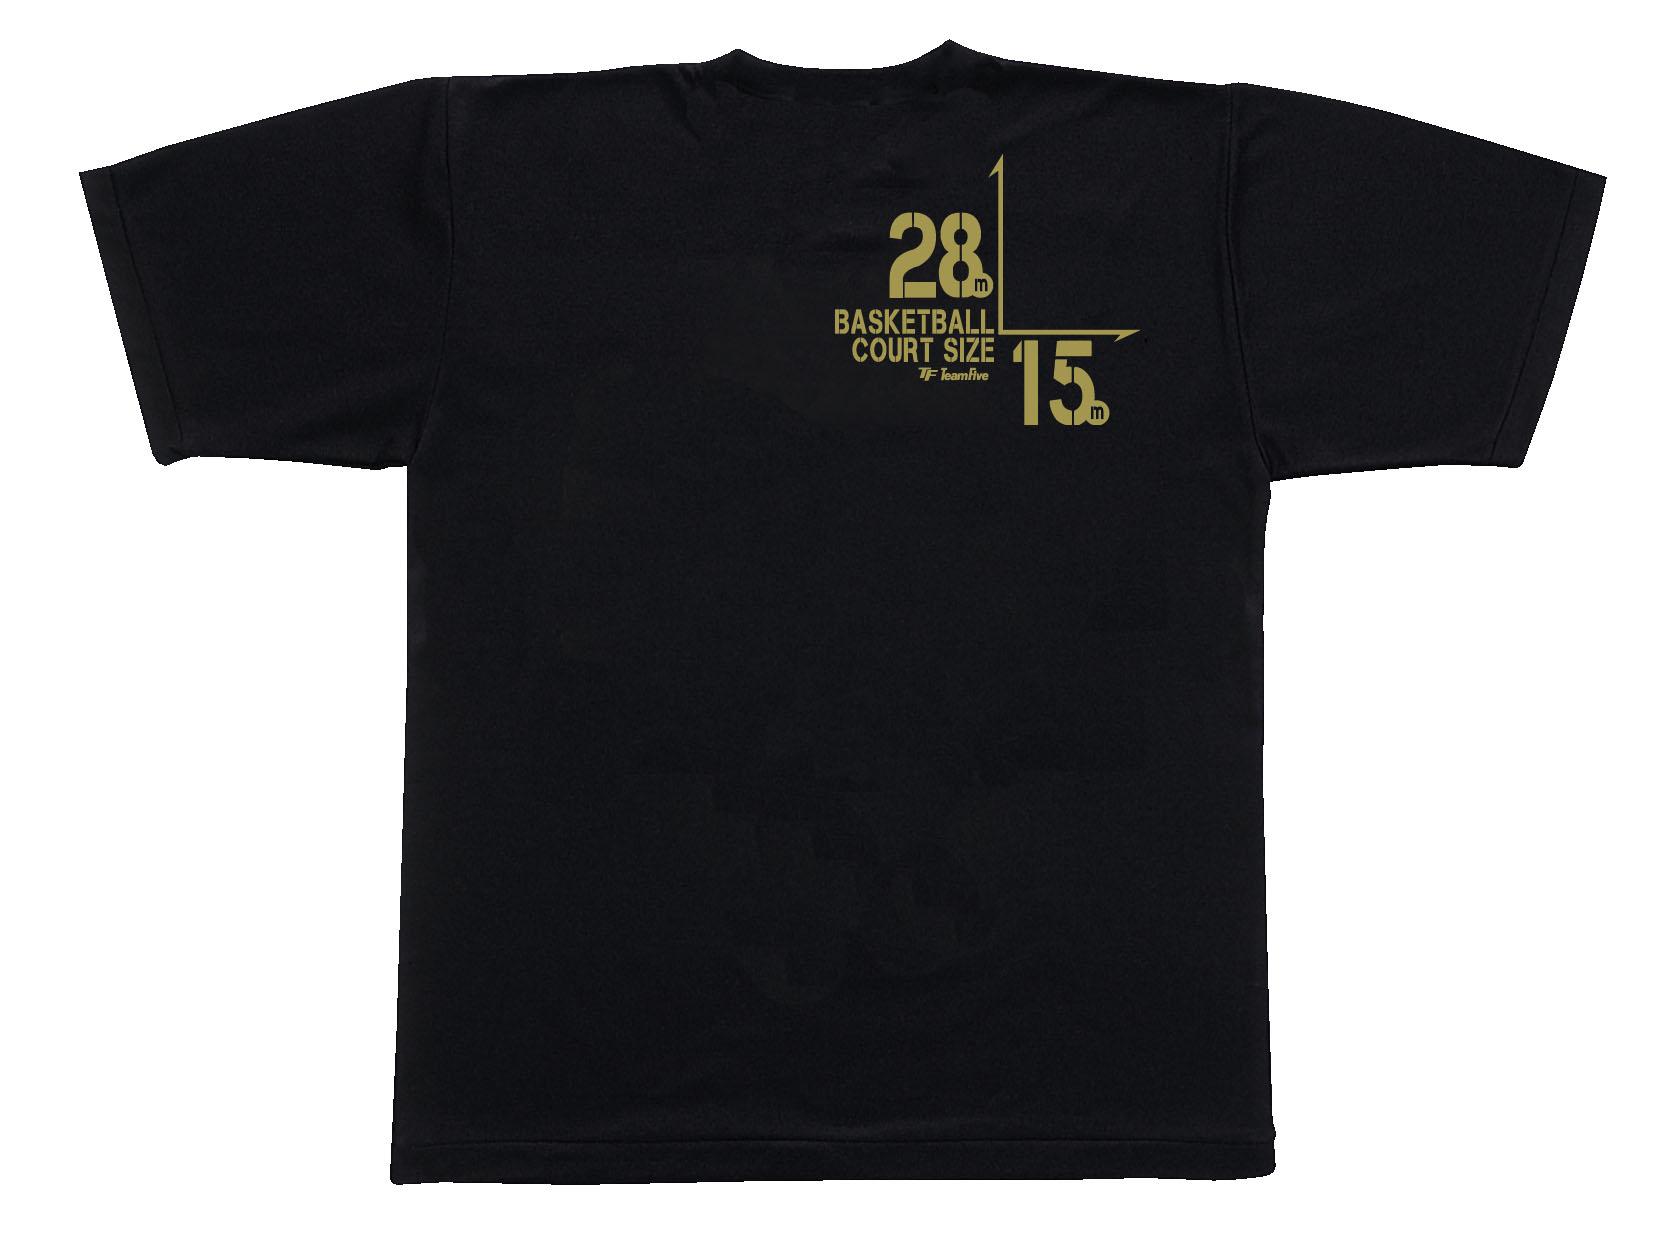 チームファイブ Tシャツ バスケットボールプレイグラウンド【AT-7907】